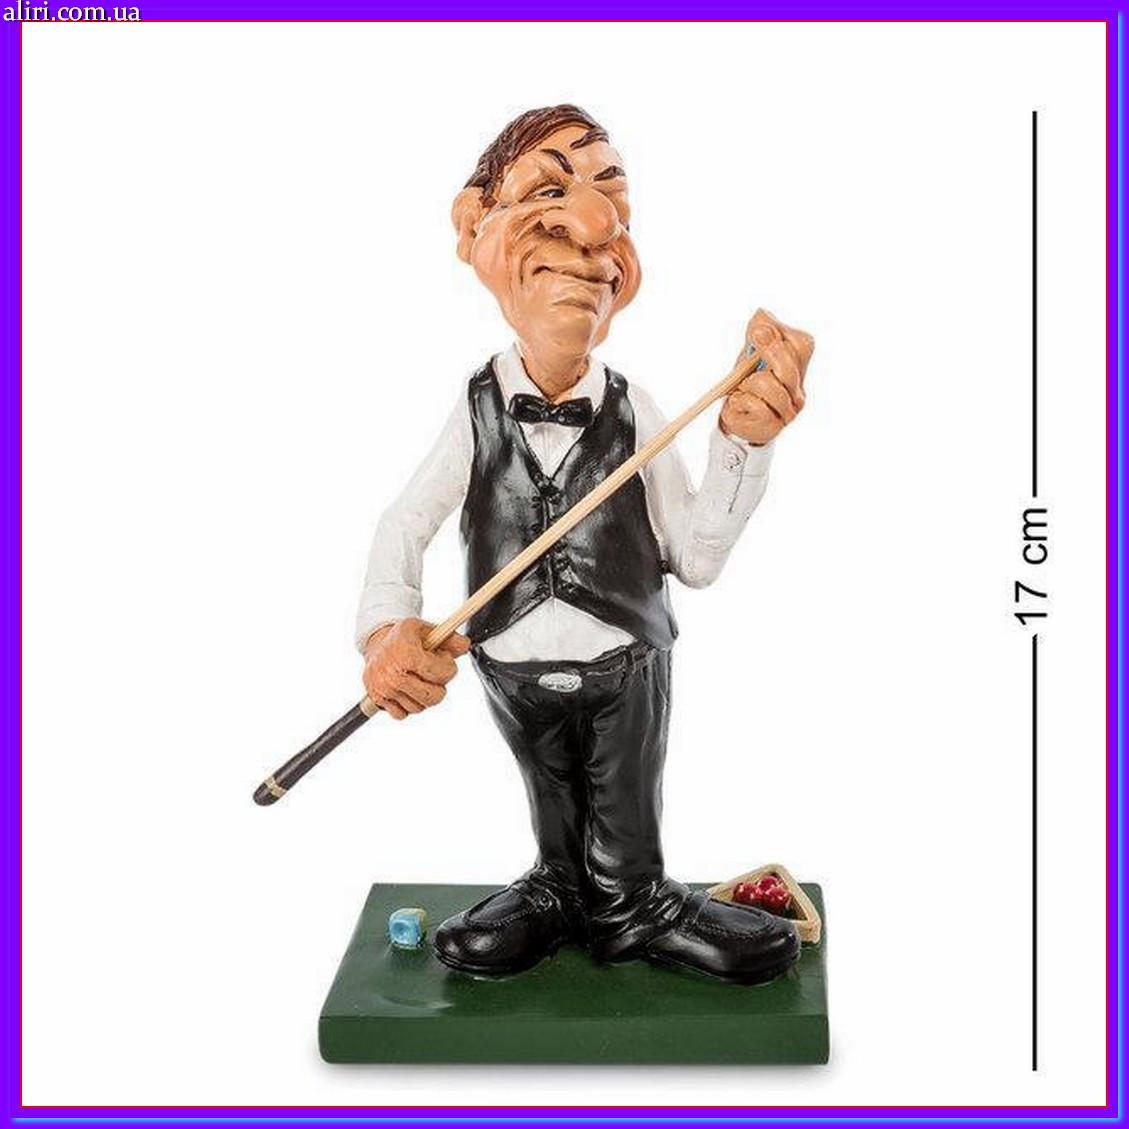 Статуэтка Снукерист 17 см W.Stratford, прикольный подарок игроку в бильярд